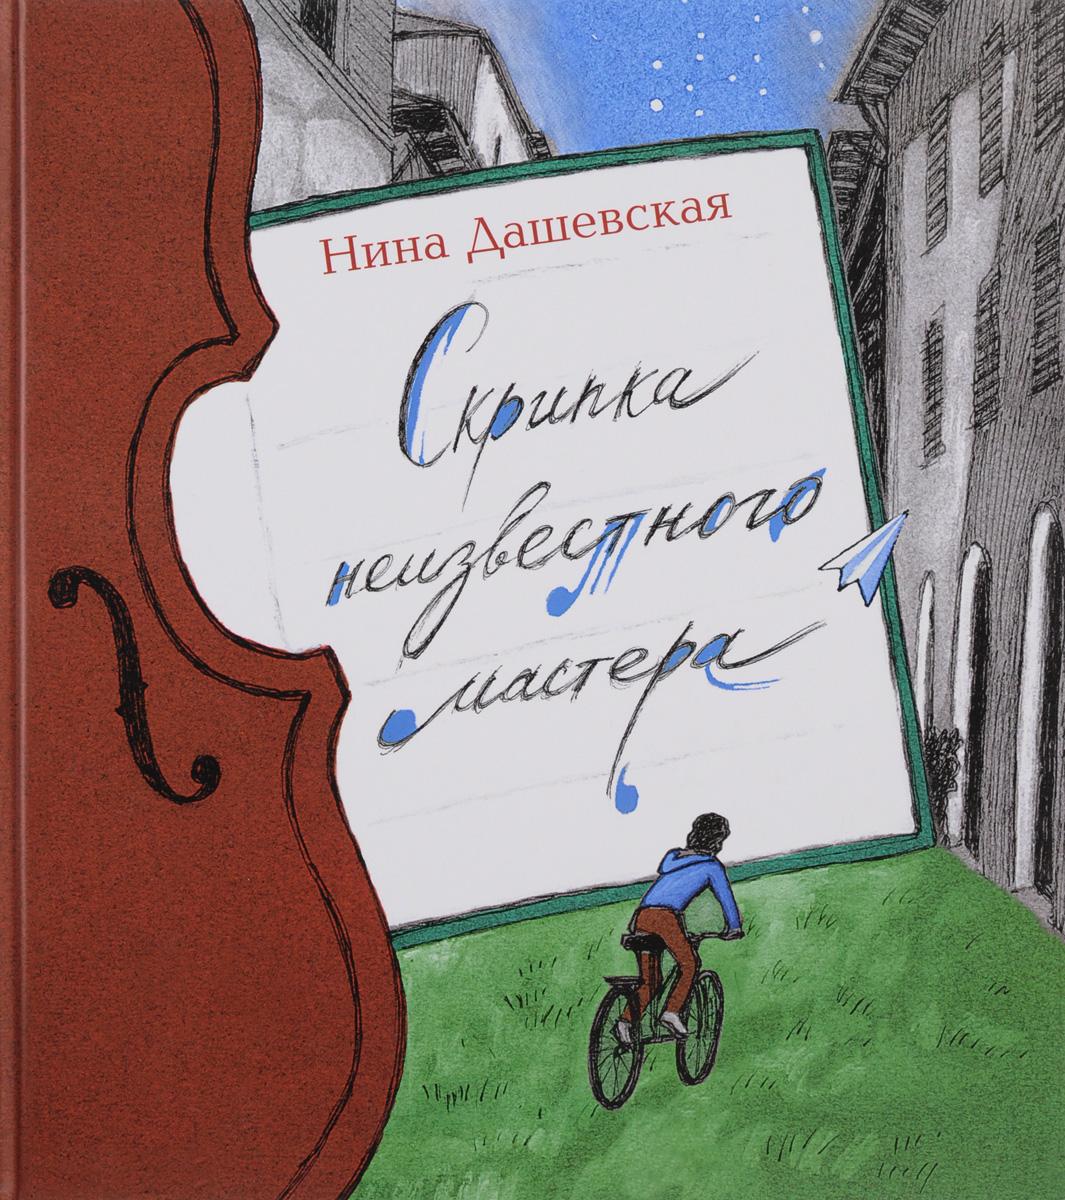 Нина Дашевская Скрипка неизвестного мастера